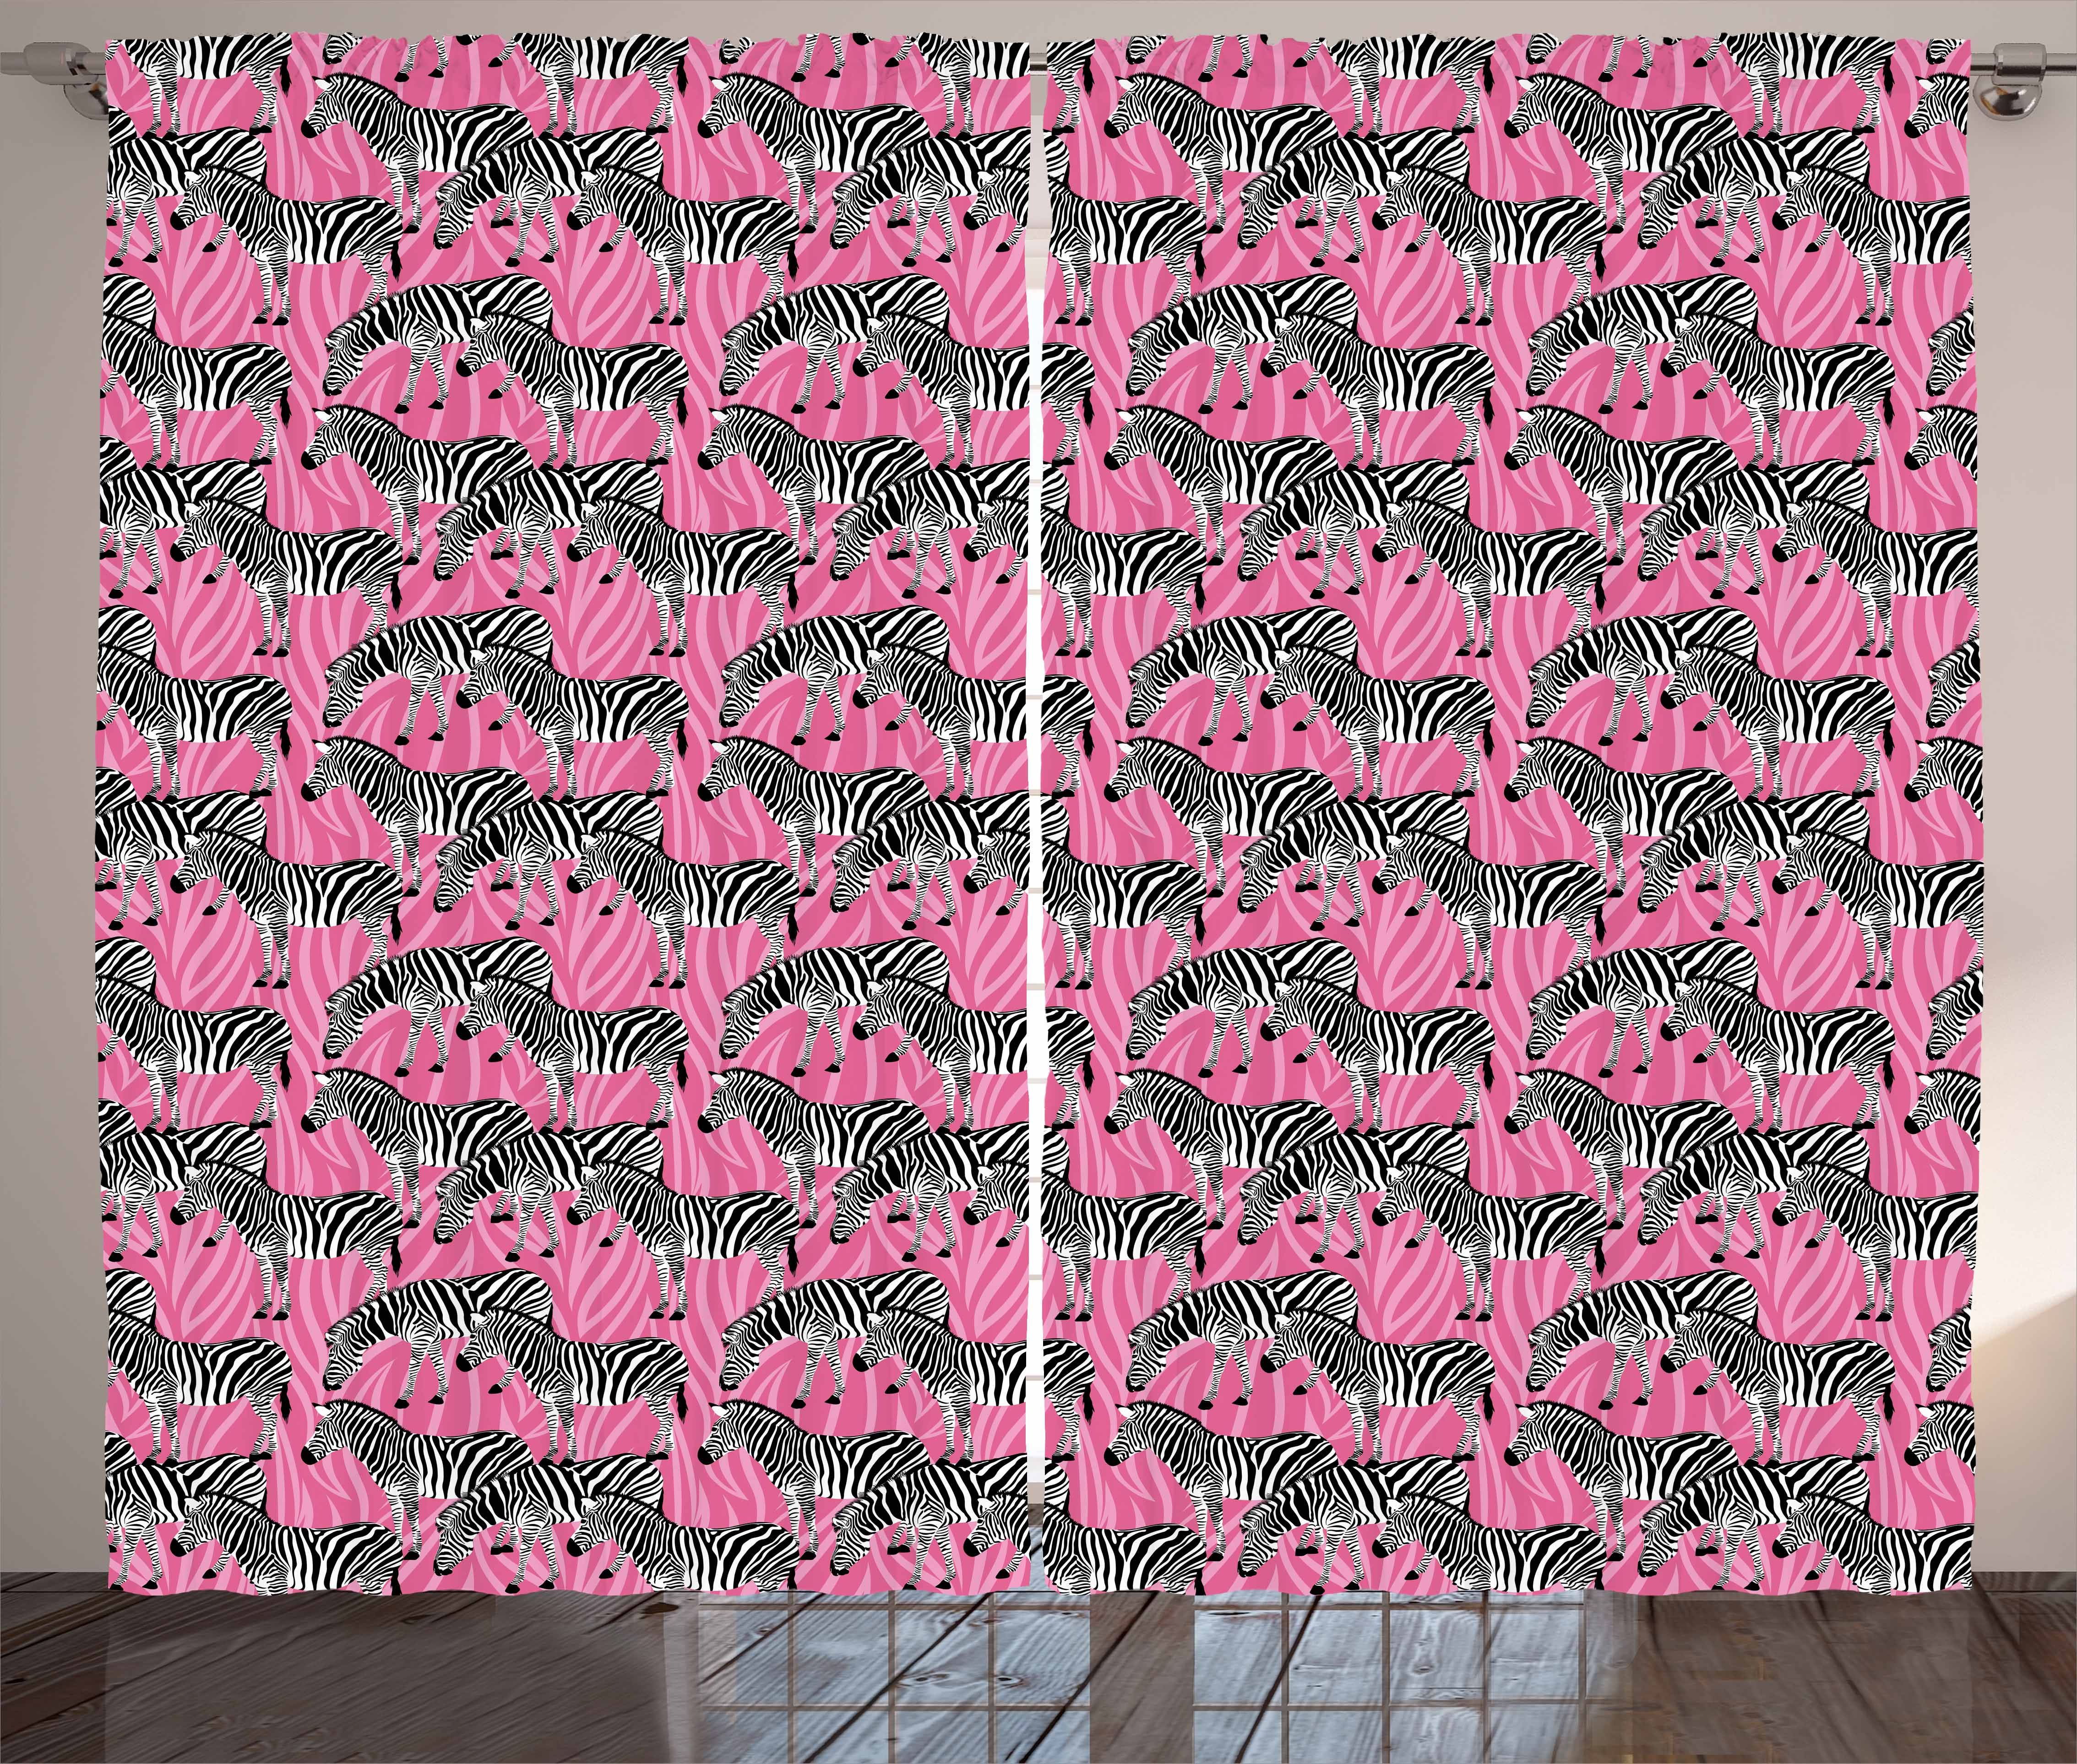 Pink Zebra Curtains 2 Panels Set, Zebras Pattern Wild Animal Hippie ...